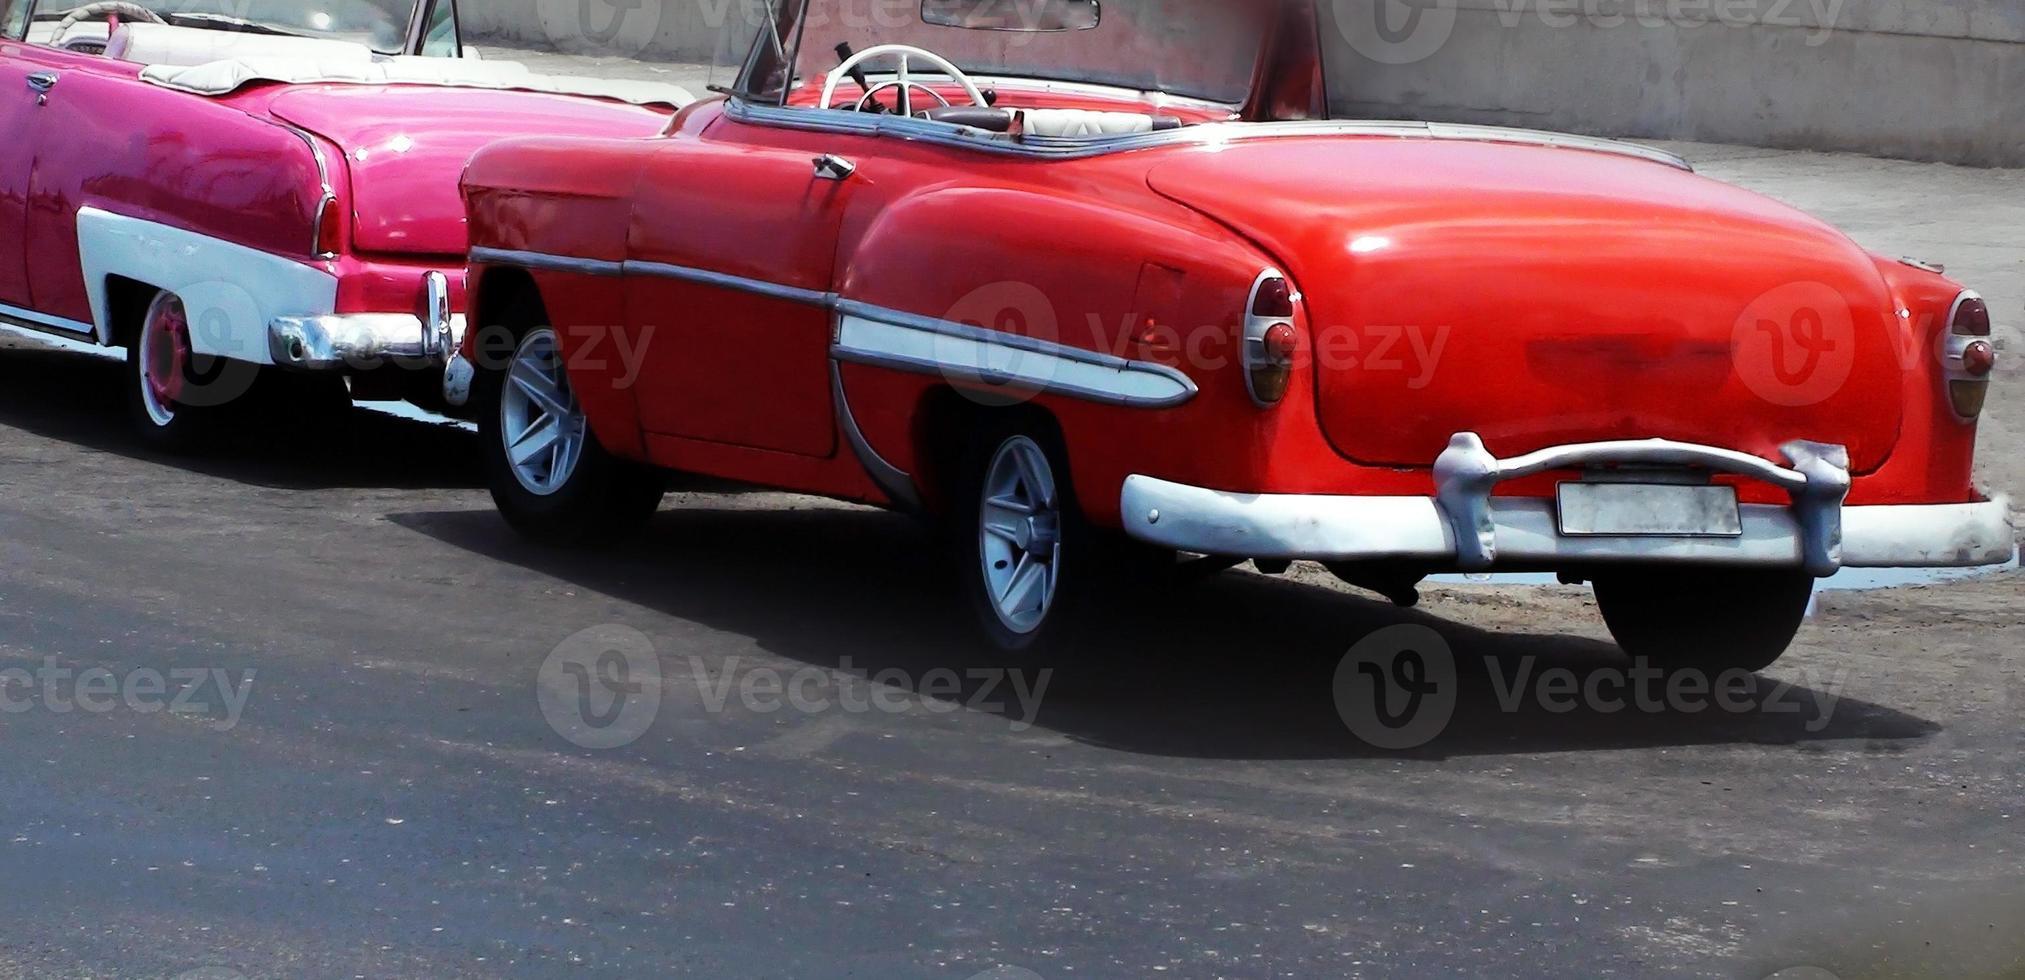 weergave van prachtige klassieke auto's cabrio's foto